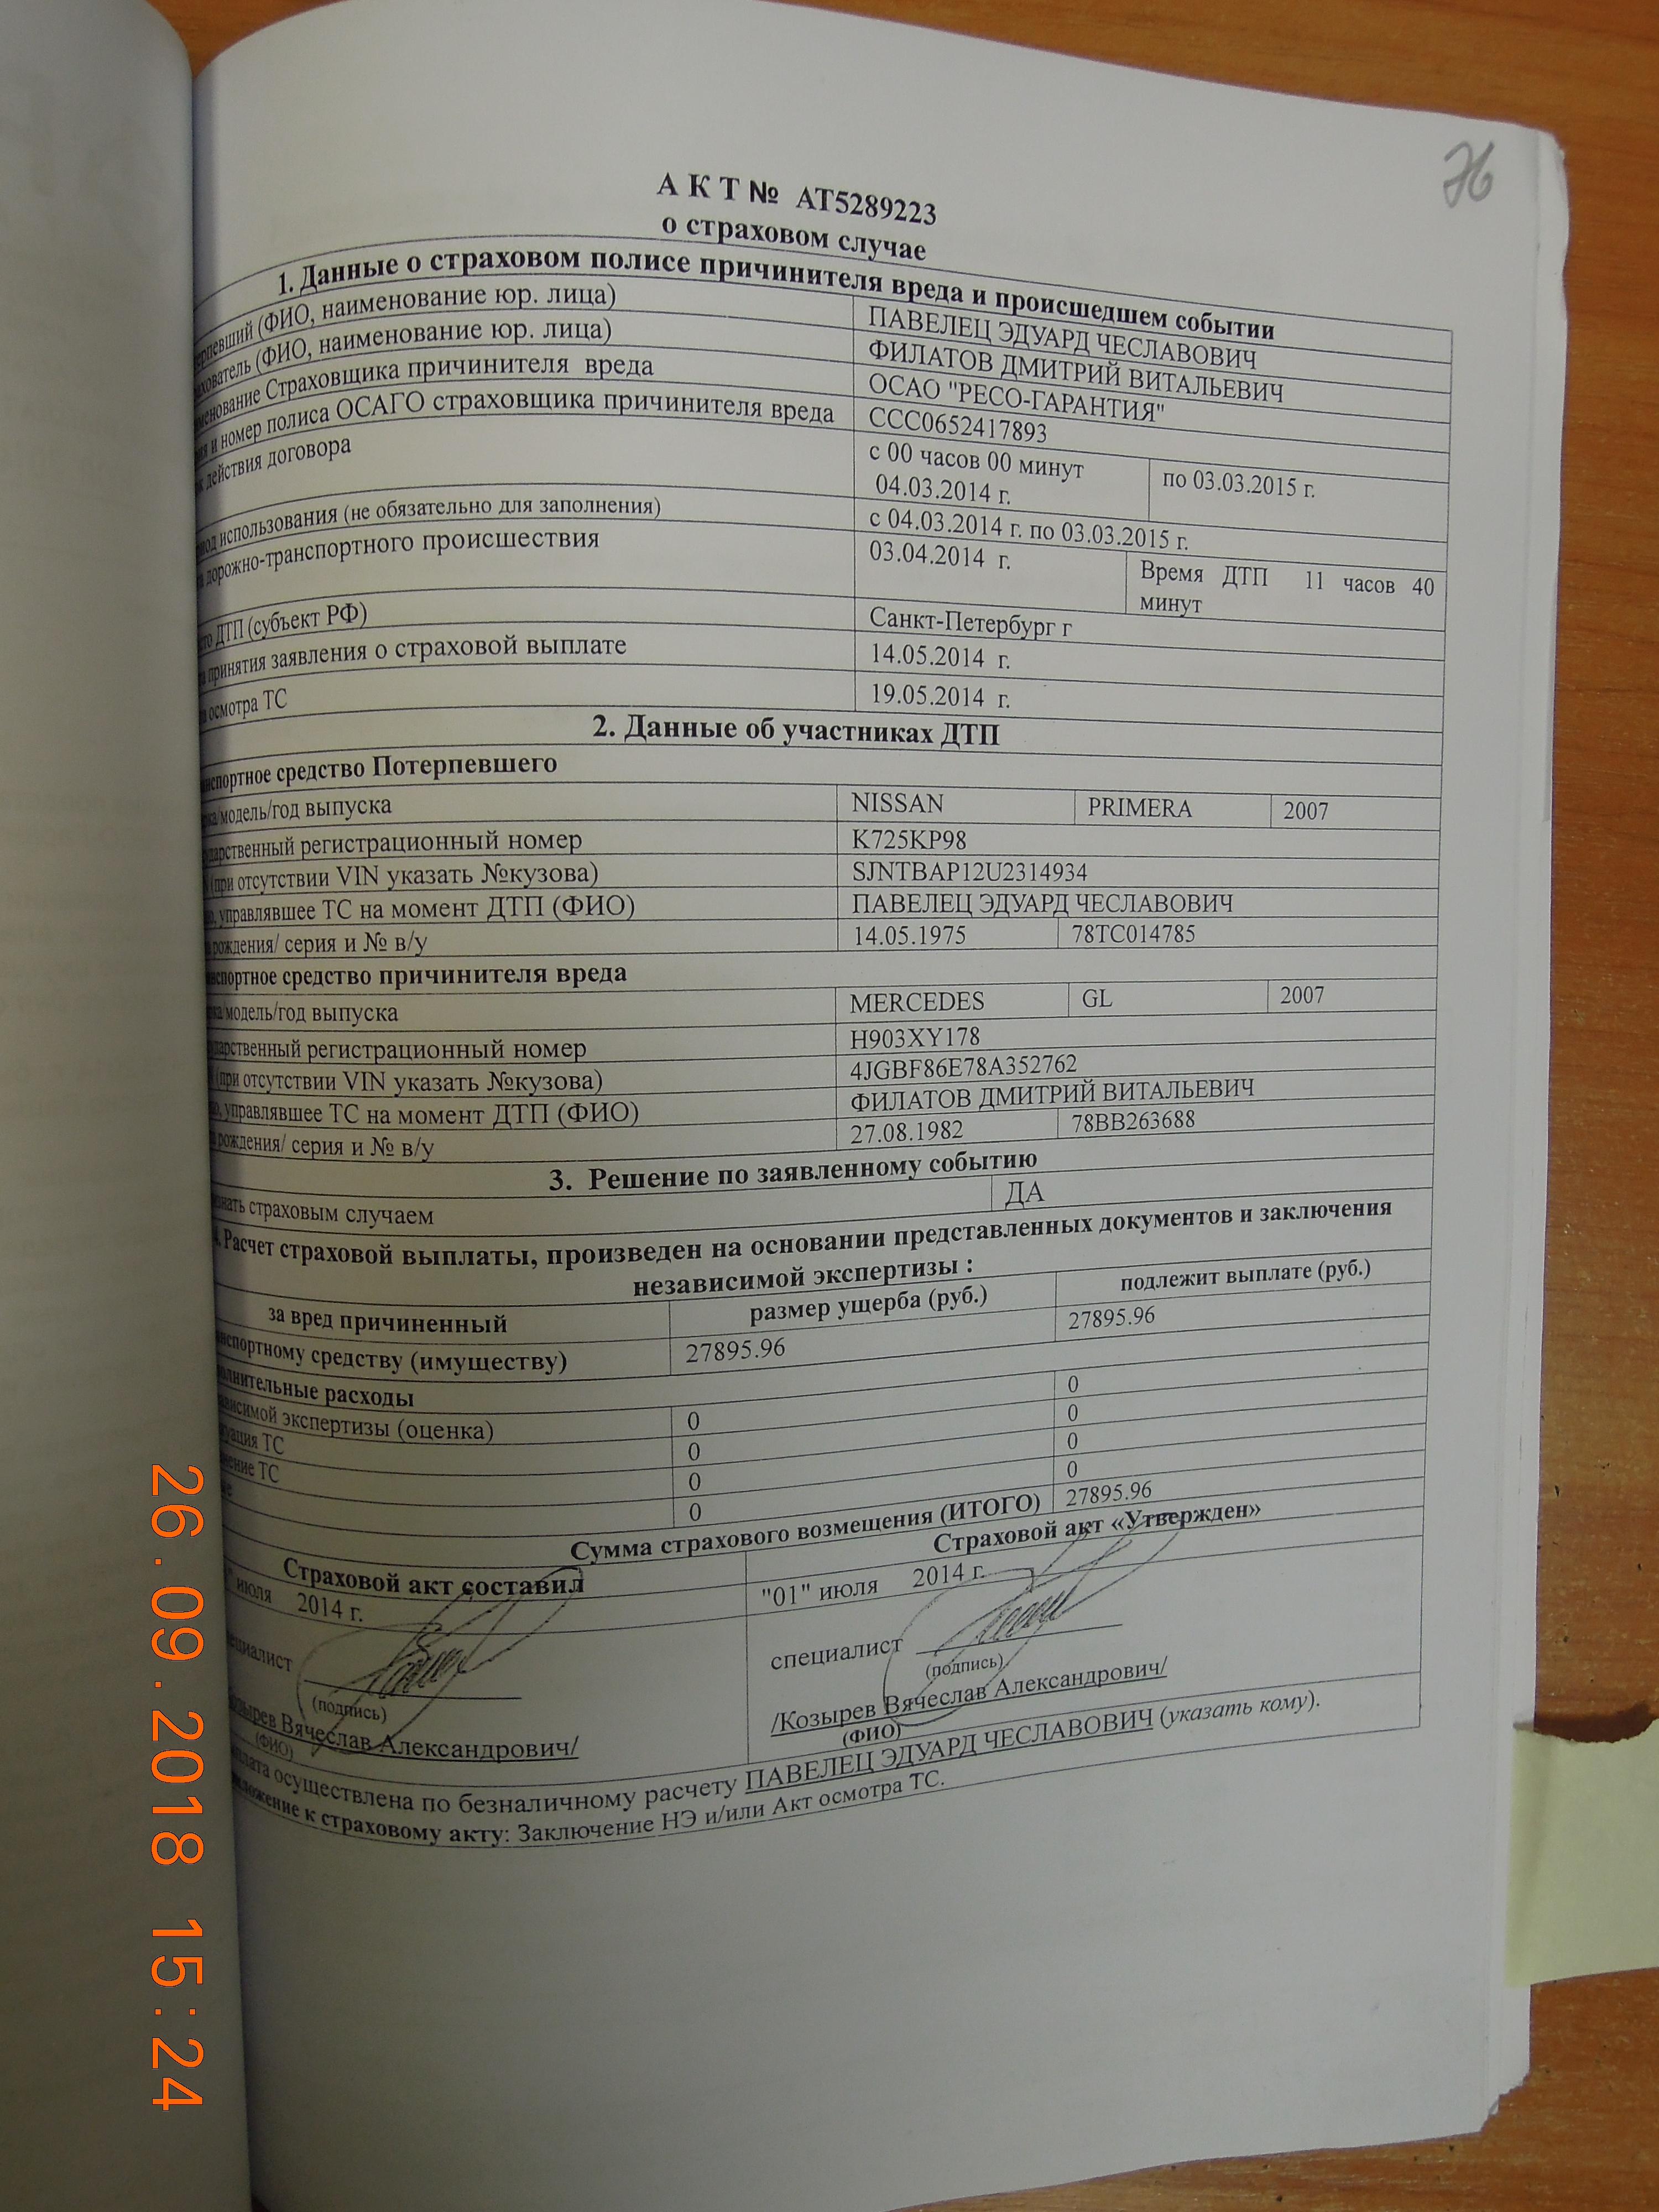 DSCN4521.JPG